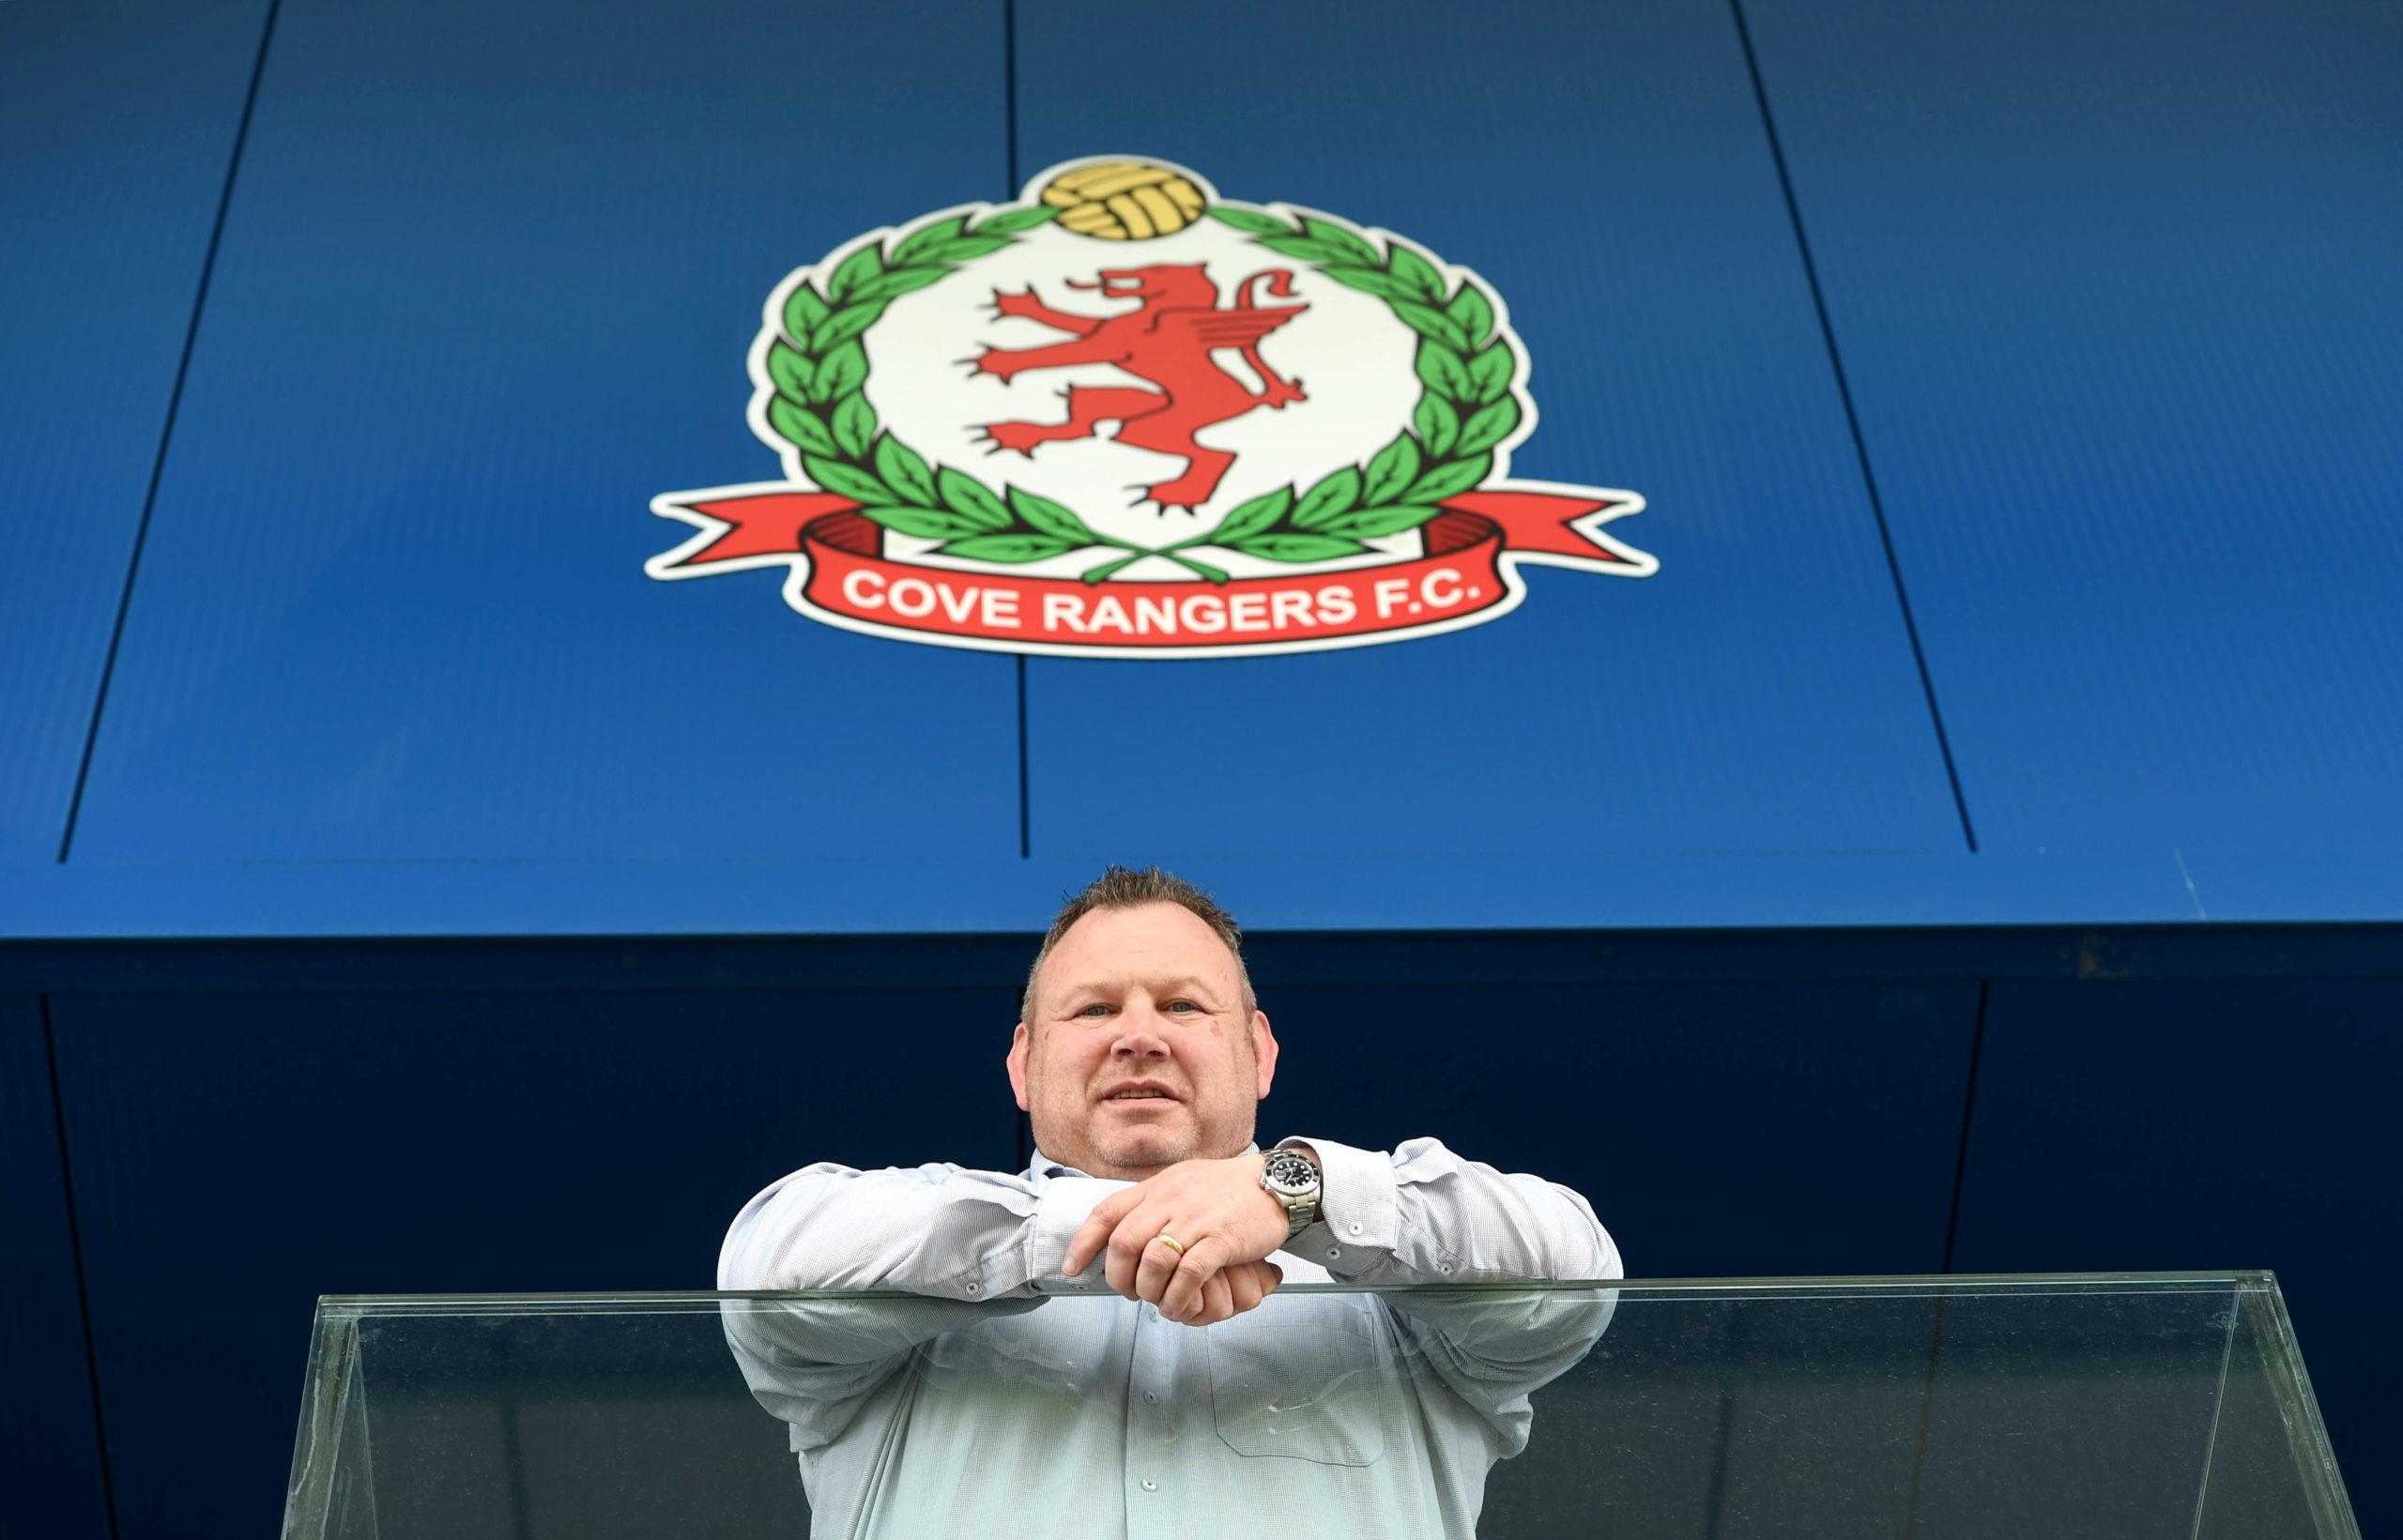 Keith Moorhouse, Cove Rangers chairman.